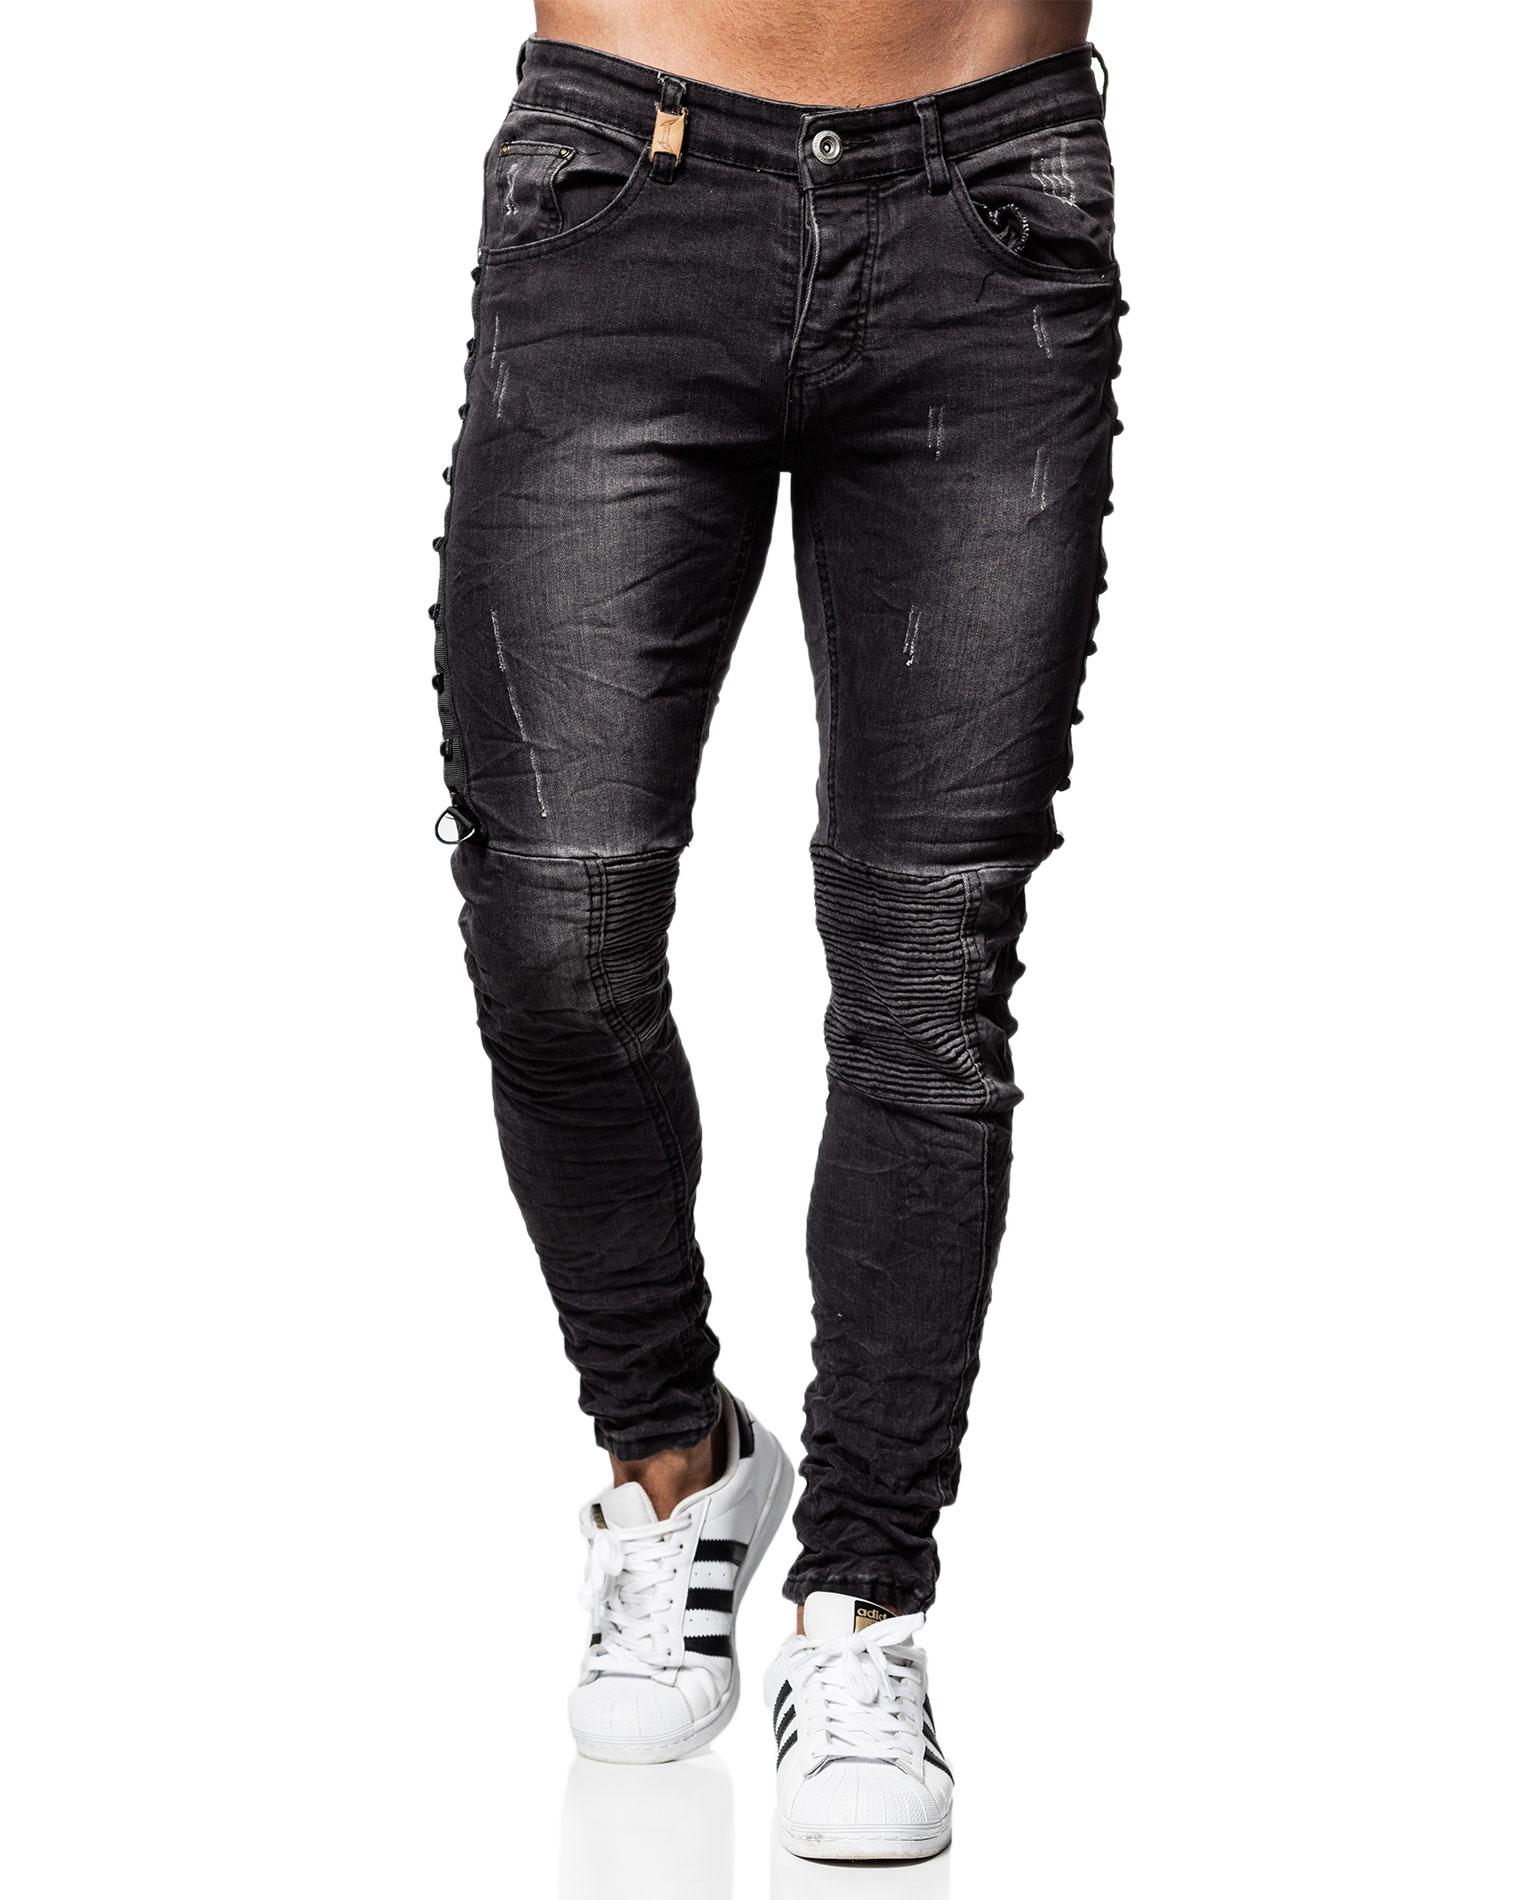 Gray Stud Jeans L32 Jerone 5039 - Farkut - Jerone.fi 3106dacdb8